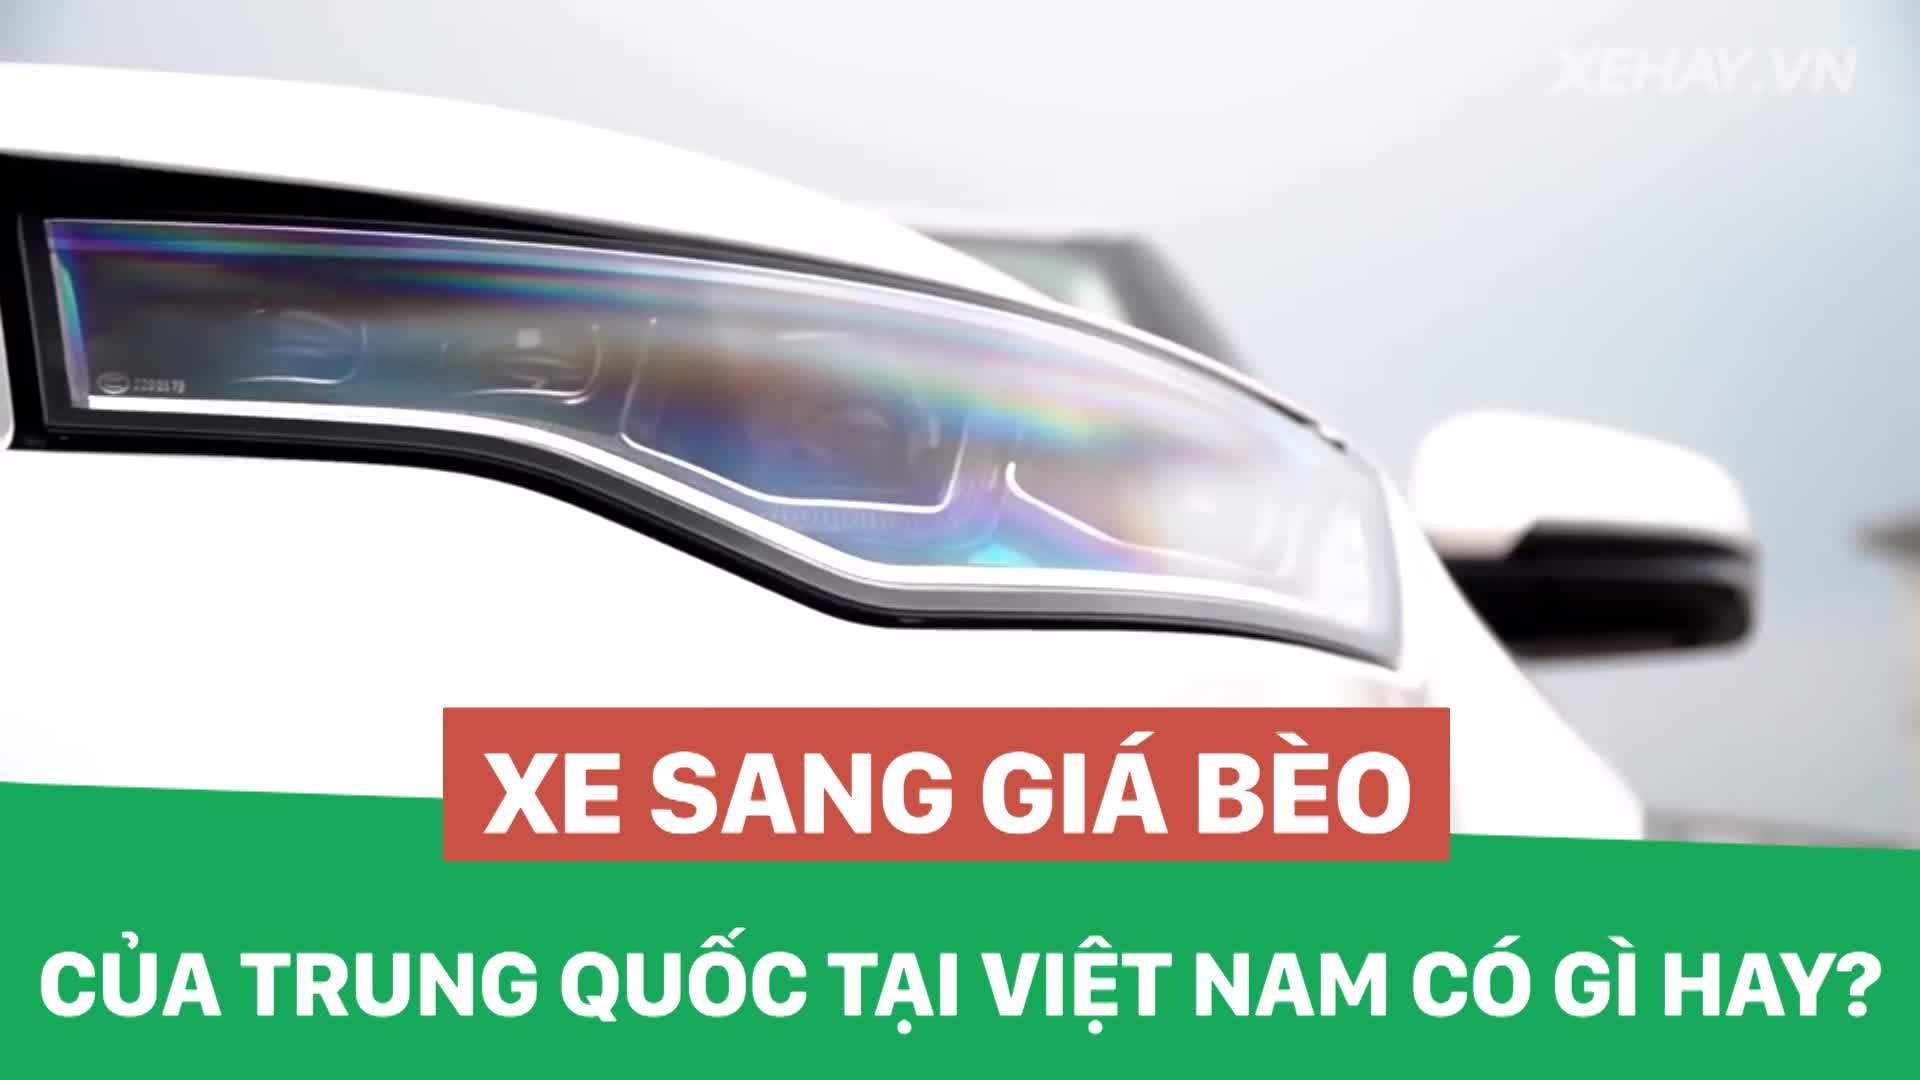 Xe sang giá bèo của Trung Quốc tại Việt Nam có gì hay?